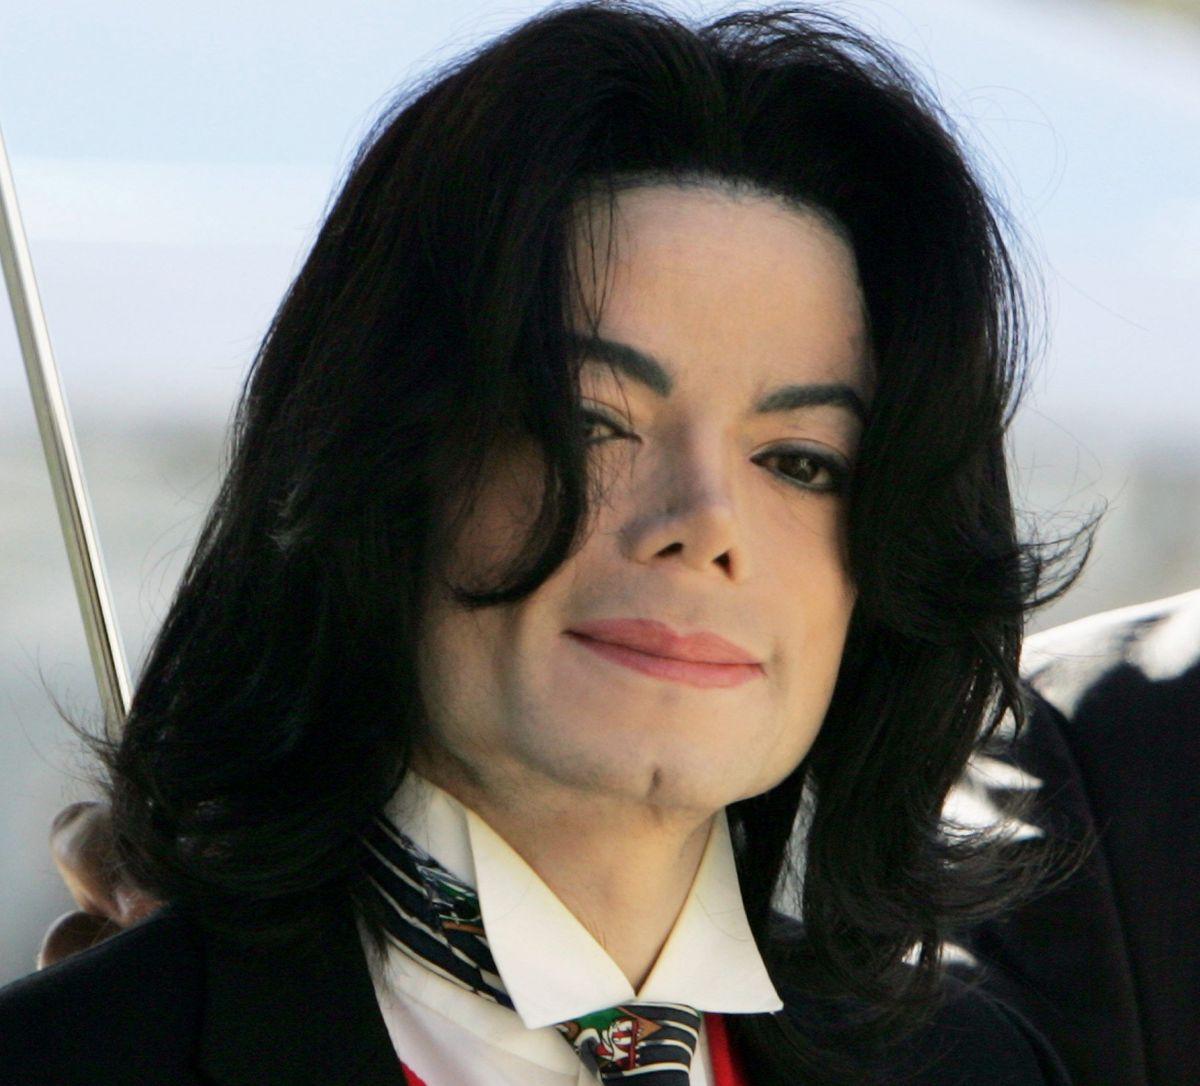 Menores acusaron a Michael Jackson de abuso, pero sus empresas no responderán por sus acusaciones